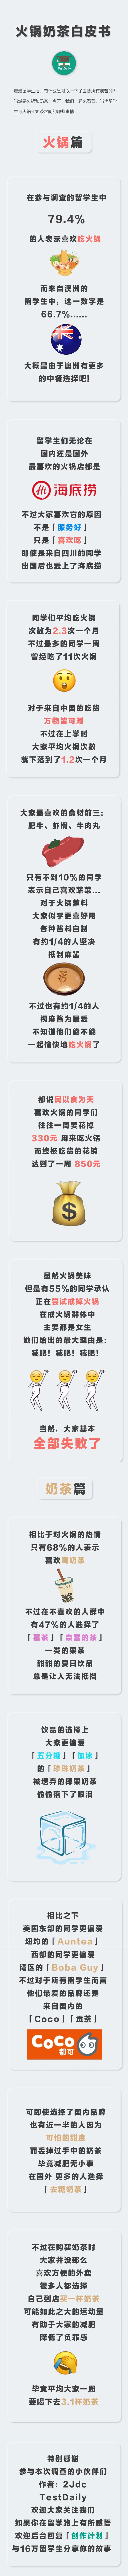 中国留学生与火锅、奶茶那些事……当代留学生火锅奶茶白皮书